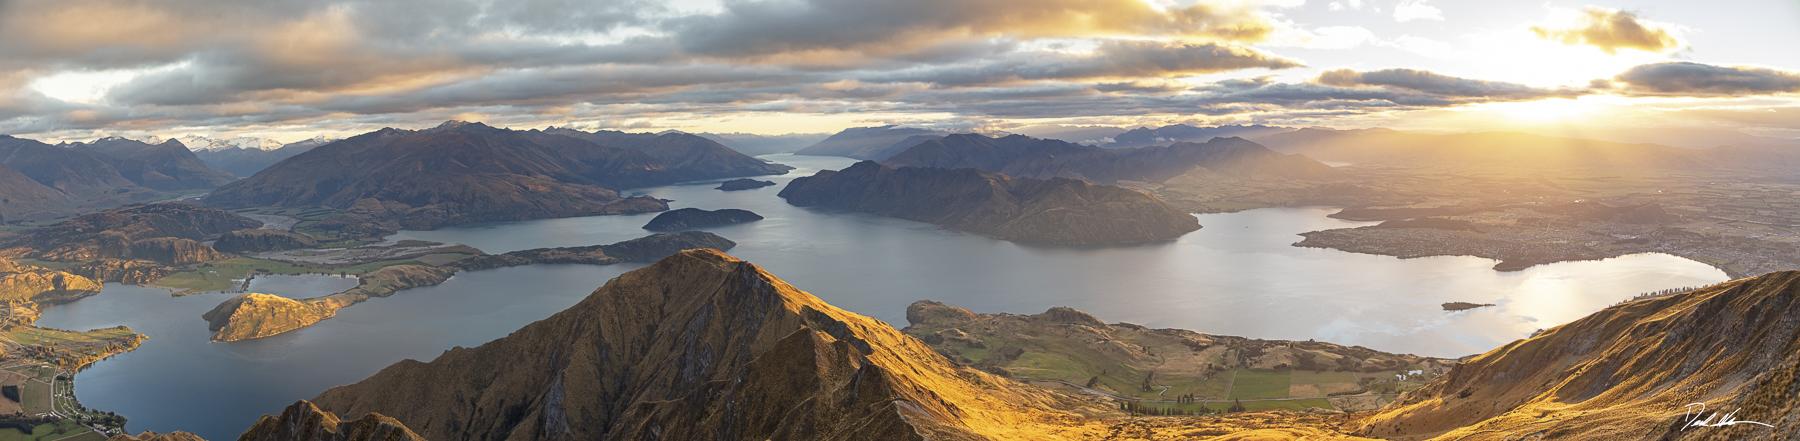 Wanaka, New Zealand sunrise